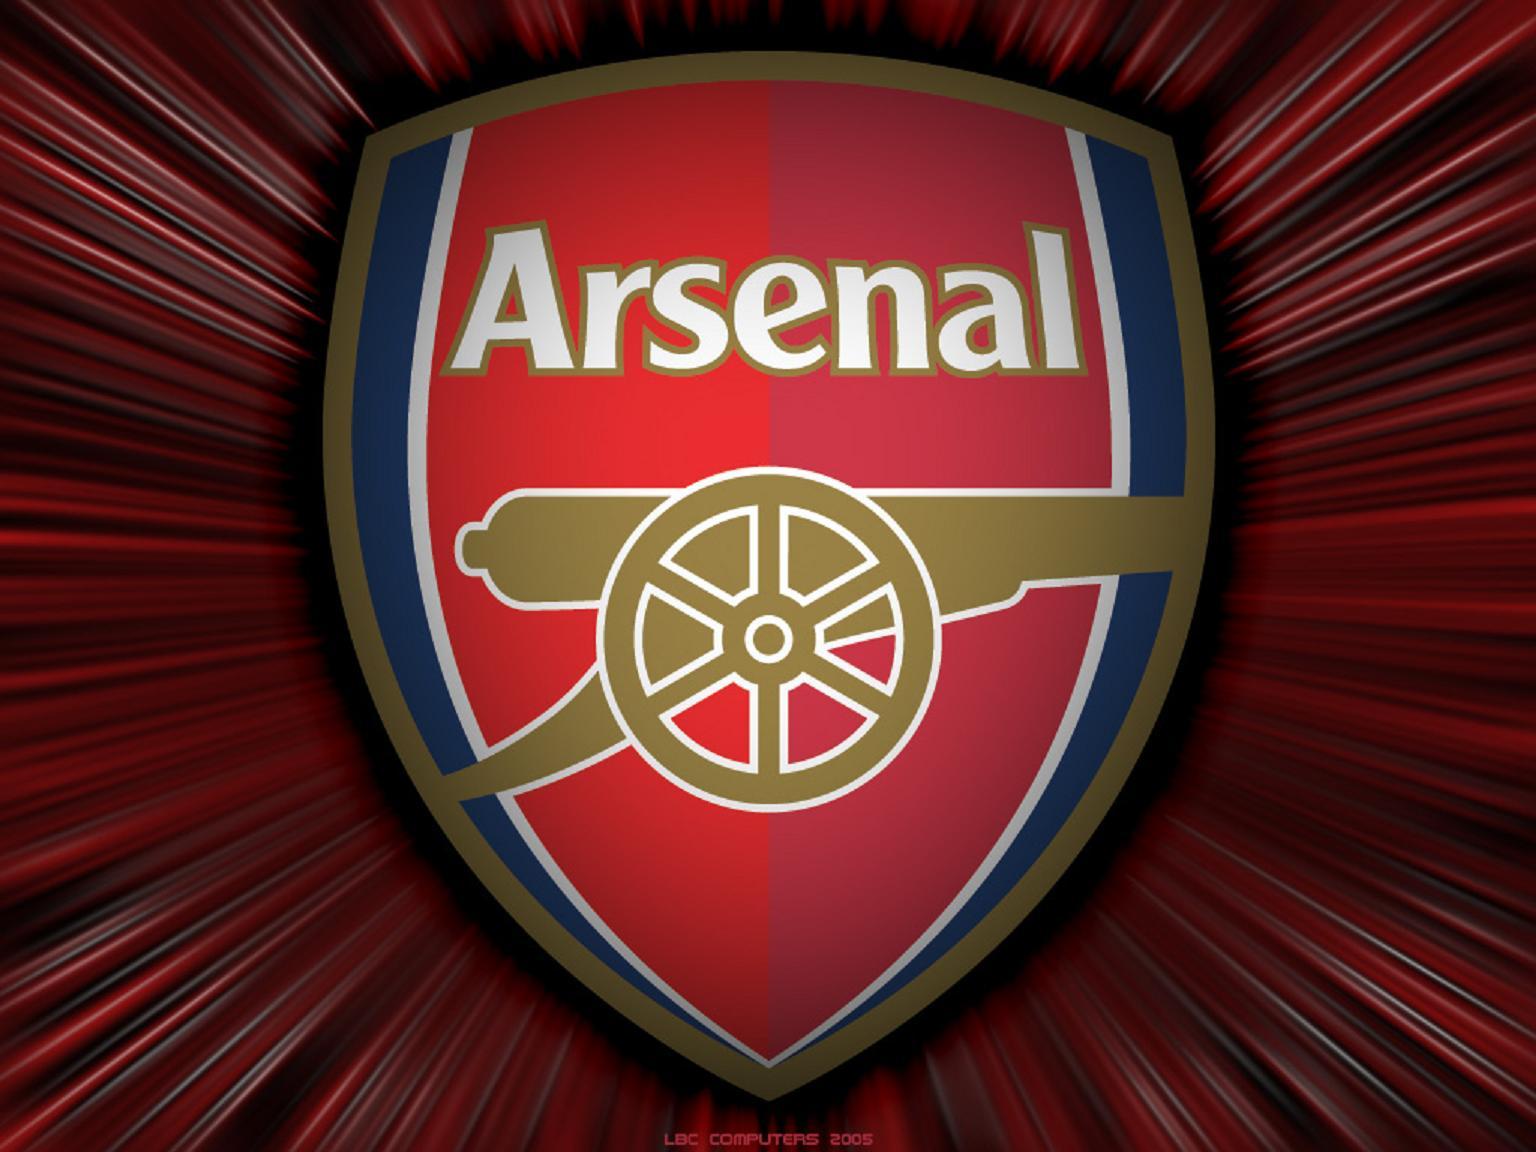 Arsenal wallpaper 1536x1152